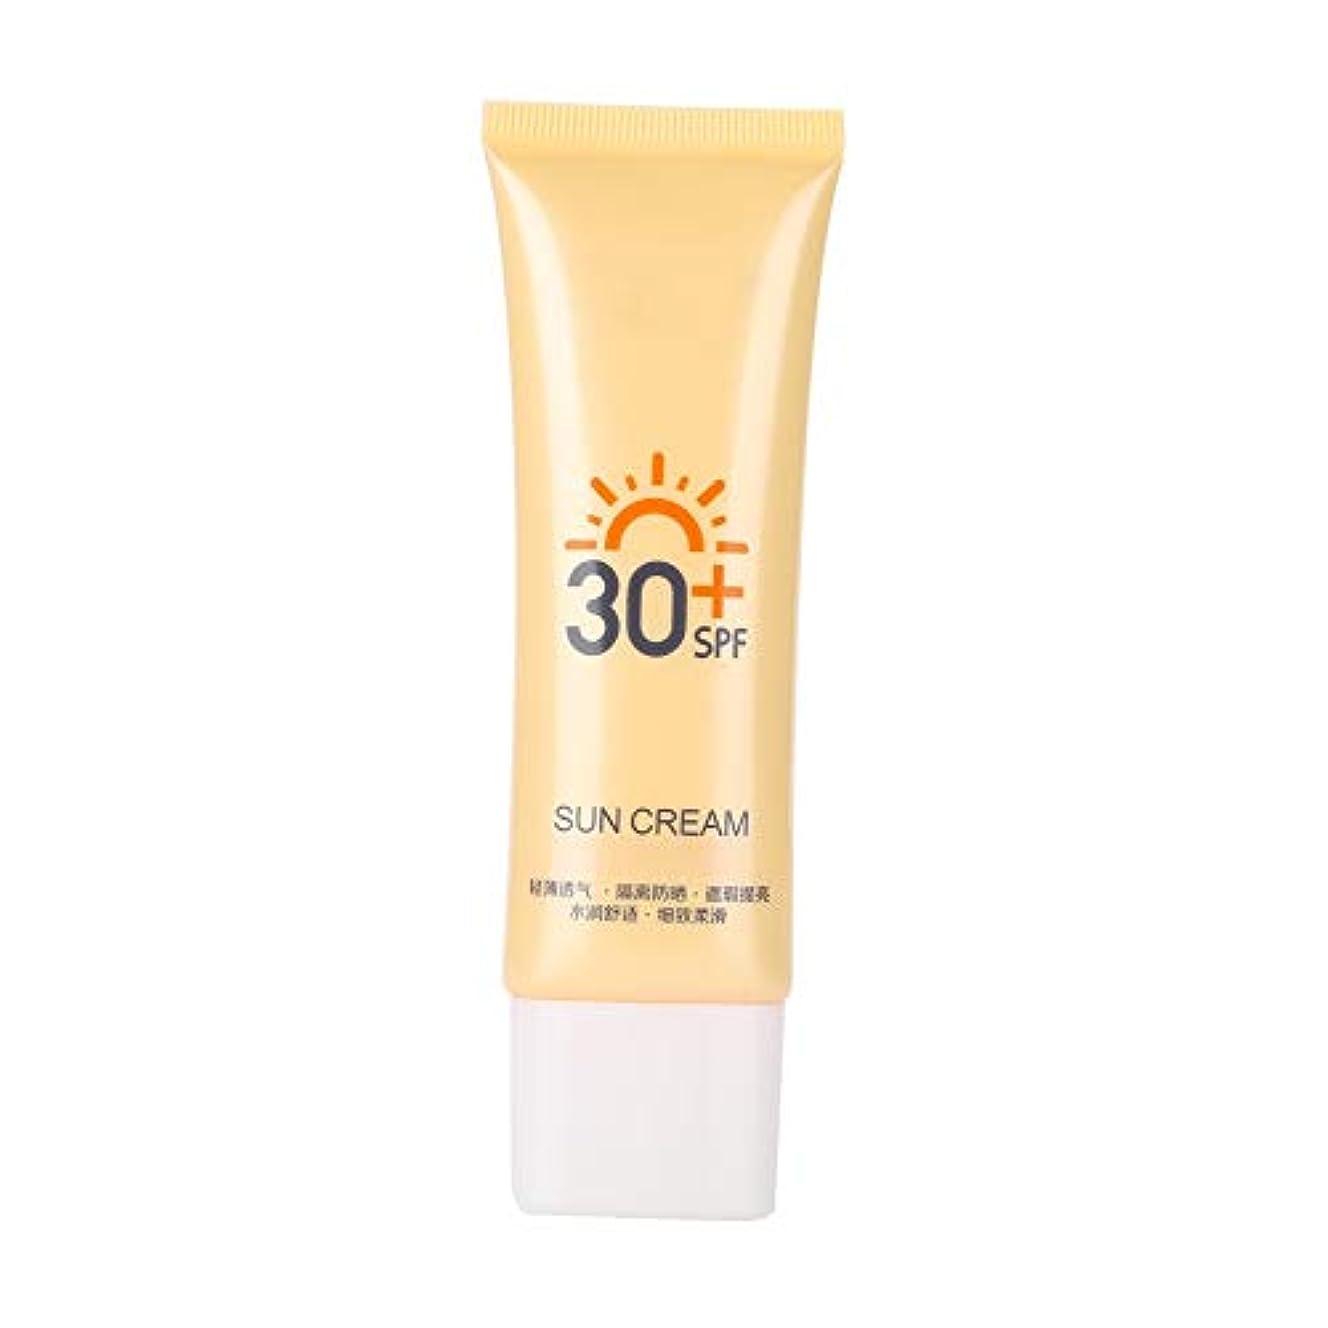 所有者確立代わりのSemme日焼け止めクリーム、日焼け止めクリーム40グラム日焼け止めクリームSPF30 + uv日焼け止めブライトニング防水クリーム